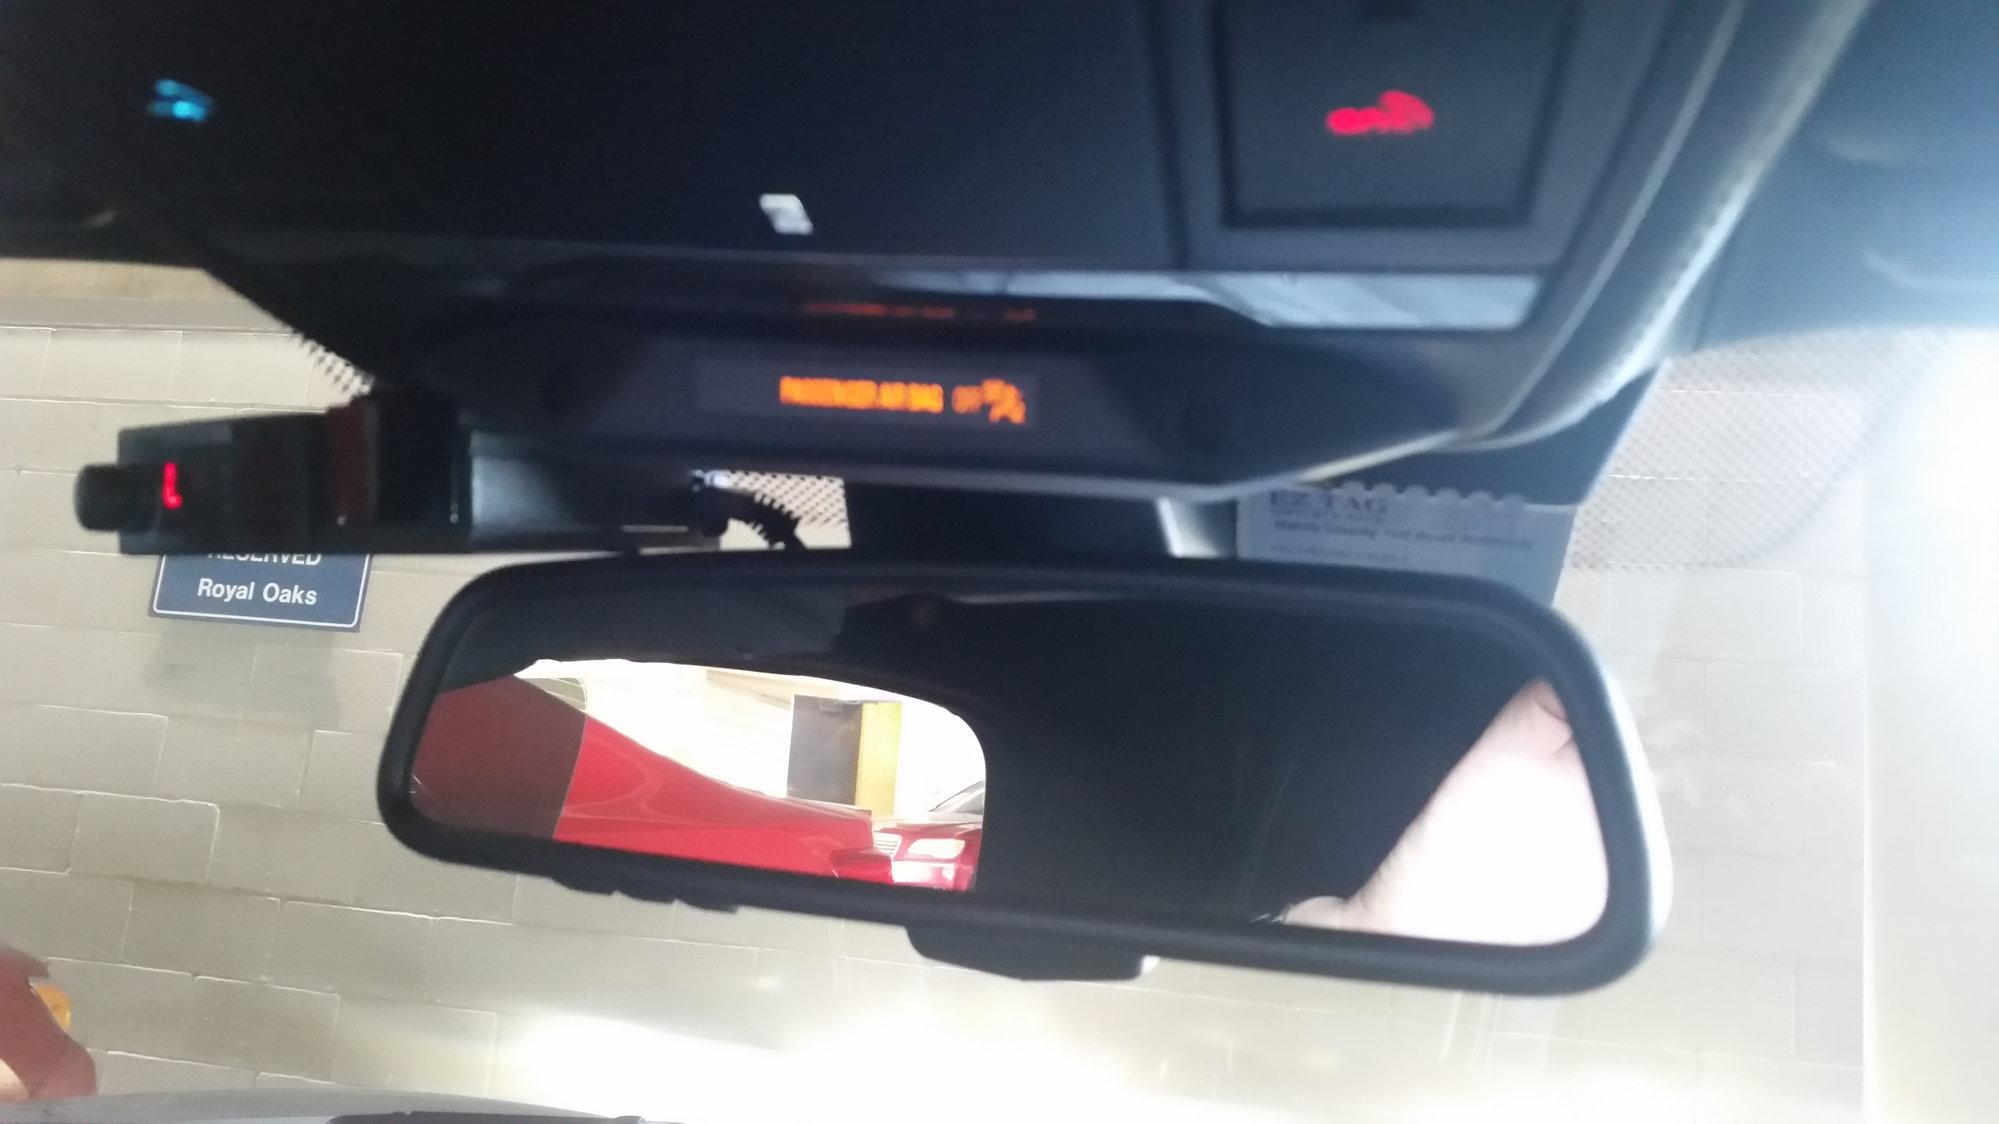 2017 front car windshield      - Jaguar Forums - Jaguar